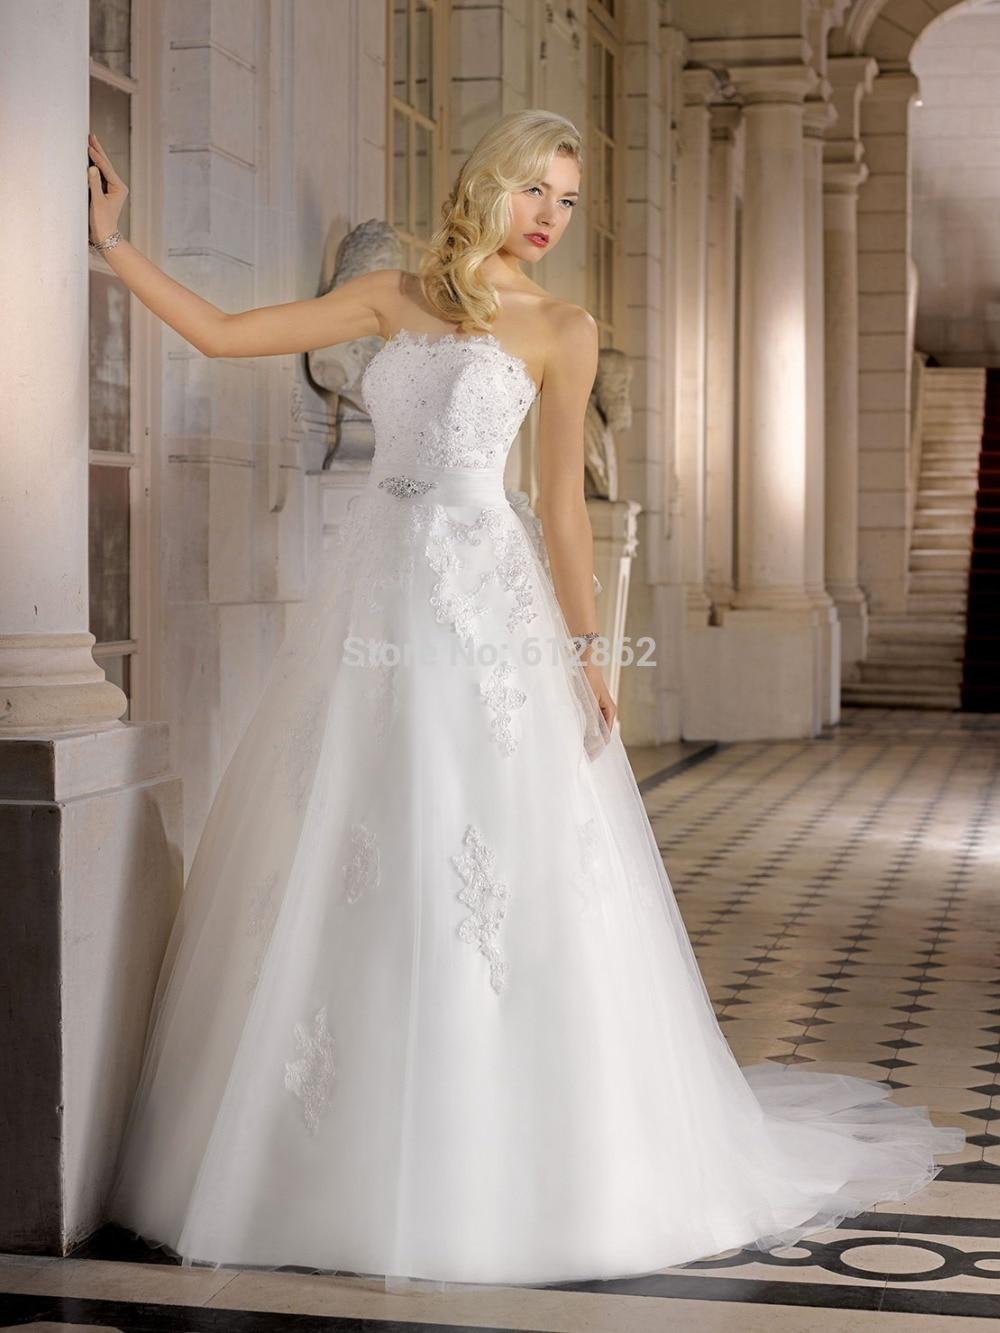 dressing for wedding reception reception wedding dress White Wedding Reception Dresses Luxury Brides